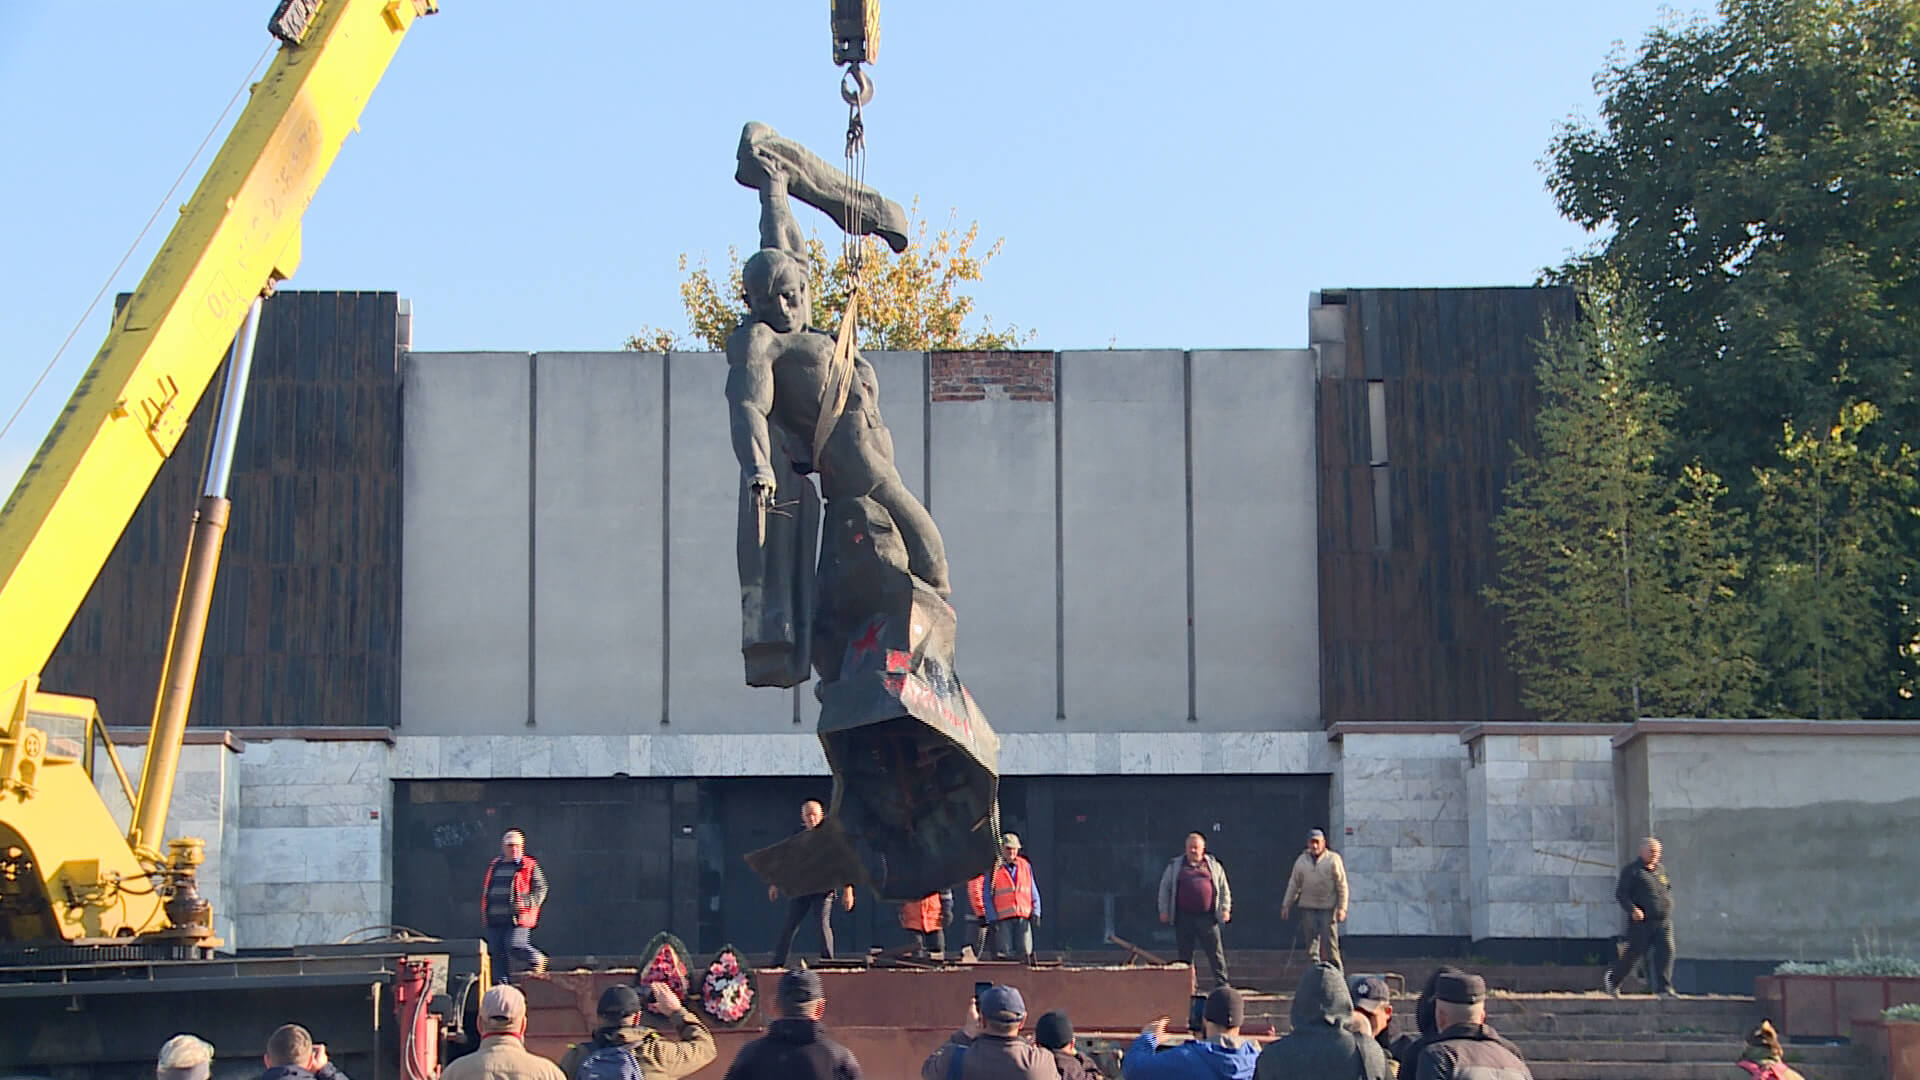 Краще пізно, ніж ніколи: пам'ятник солдату демонтували на площі Скорботи в Коломиї (ВІДЕО)